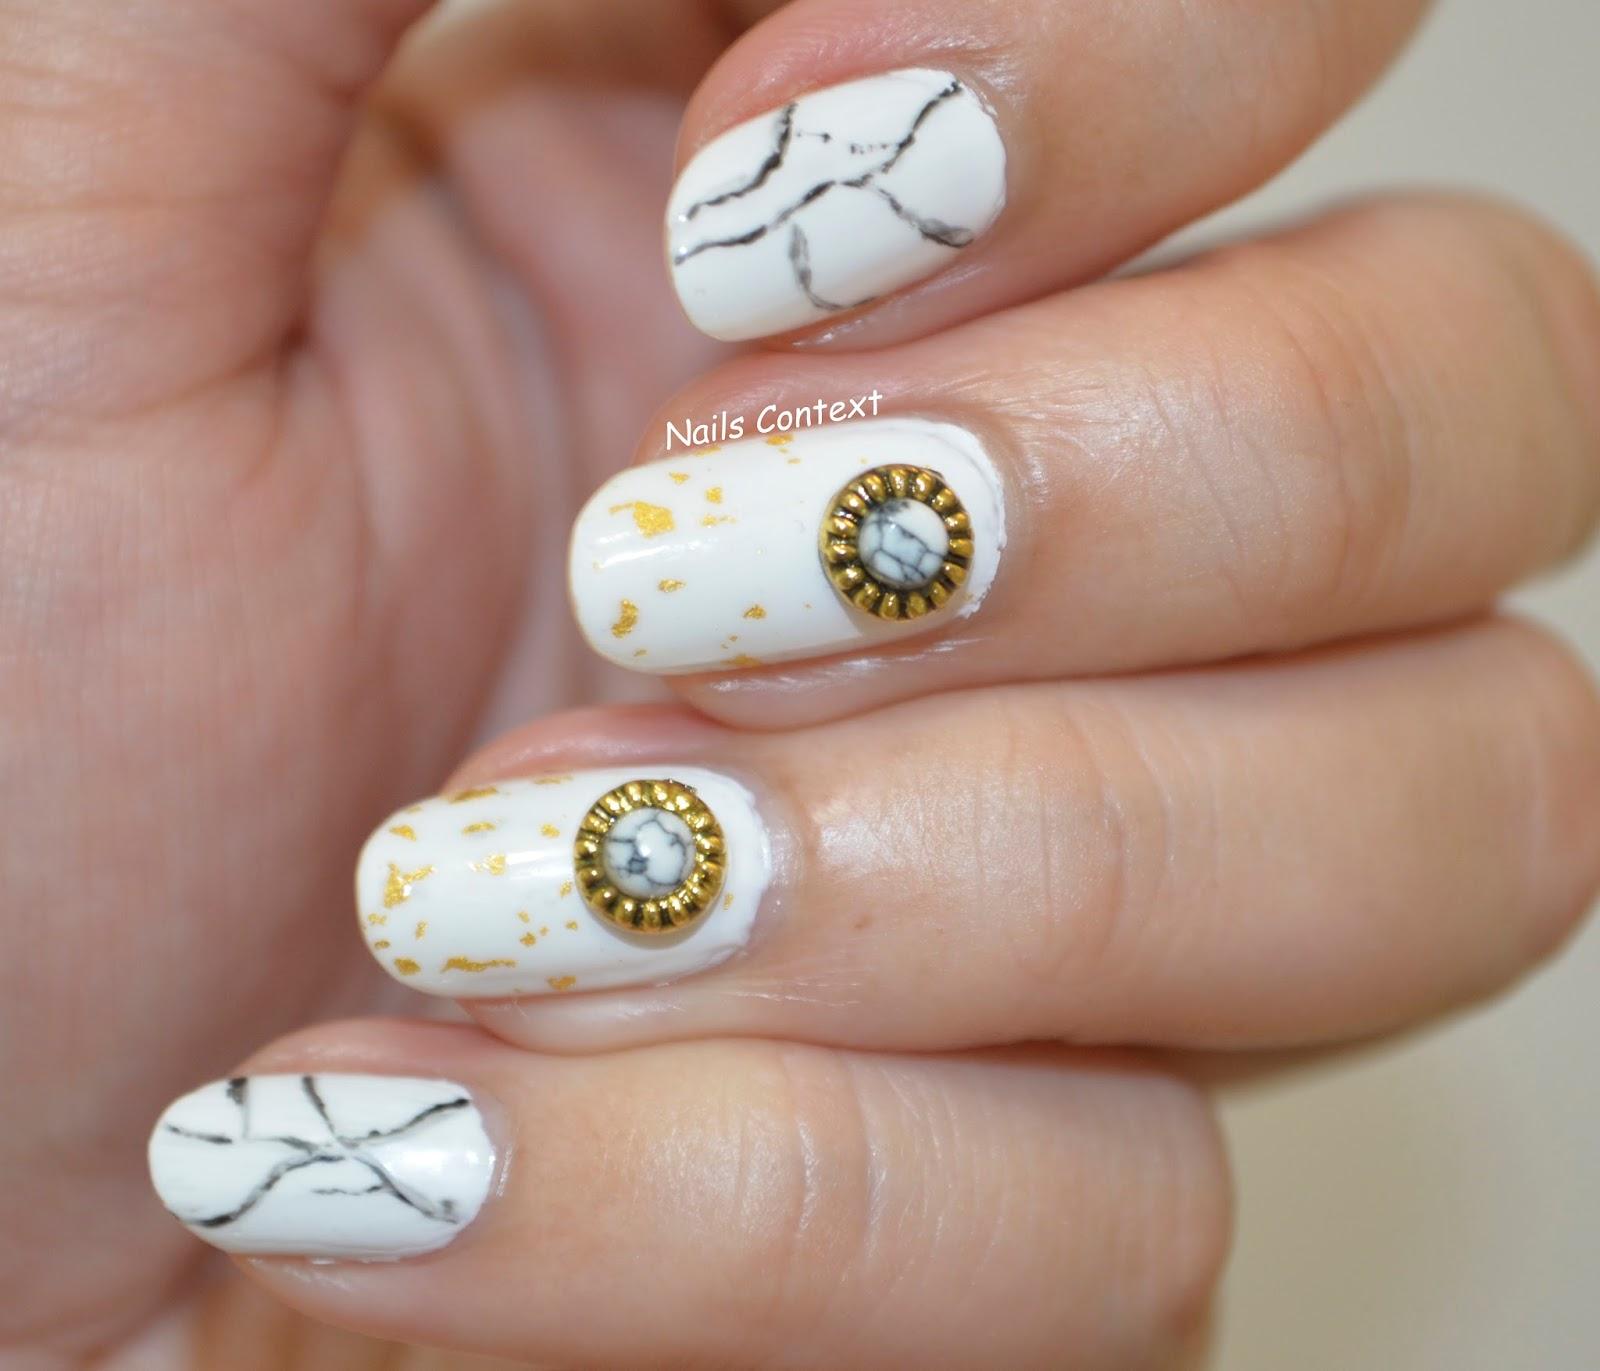 Nails Context: Marble Nails